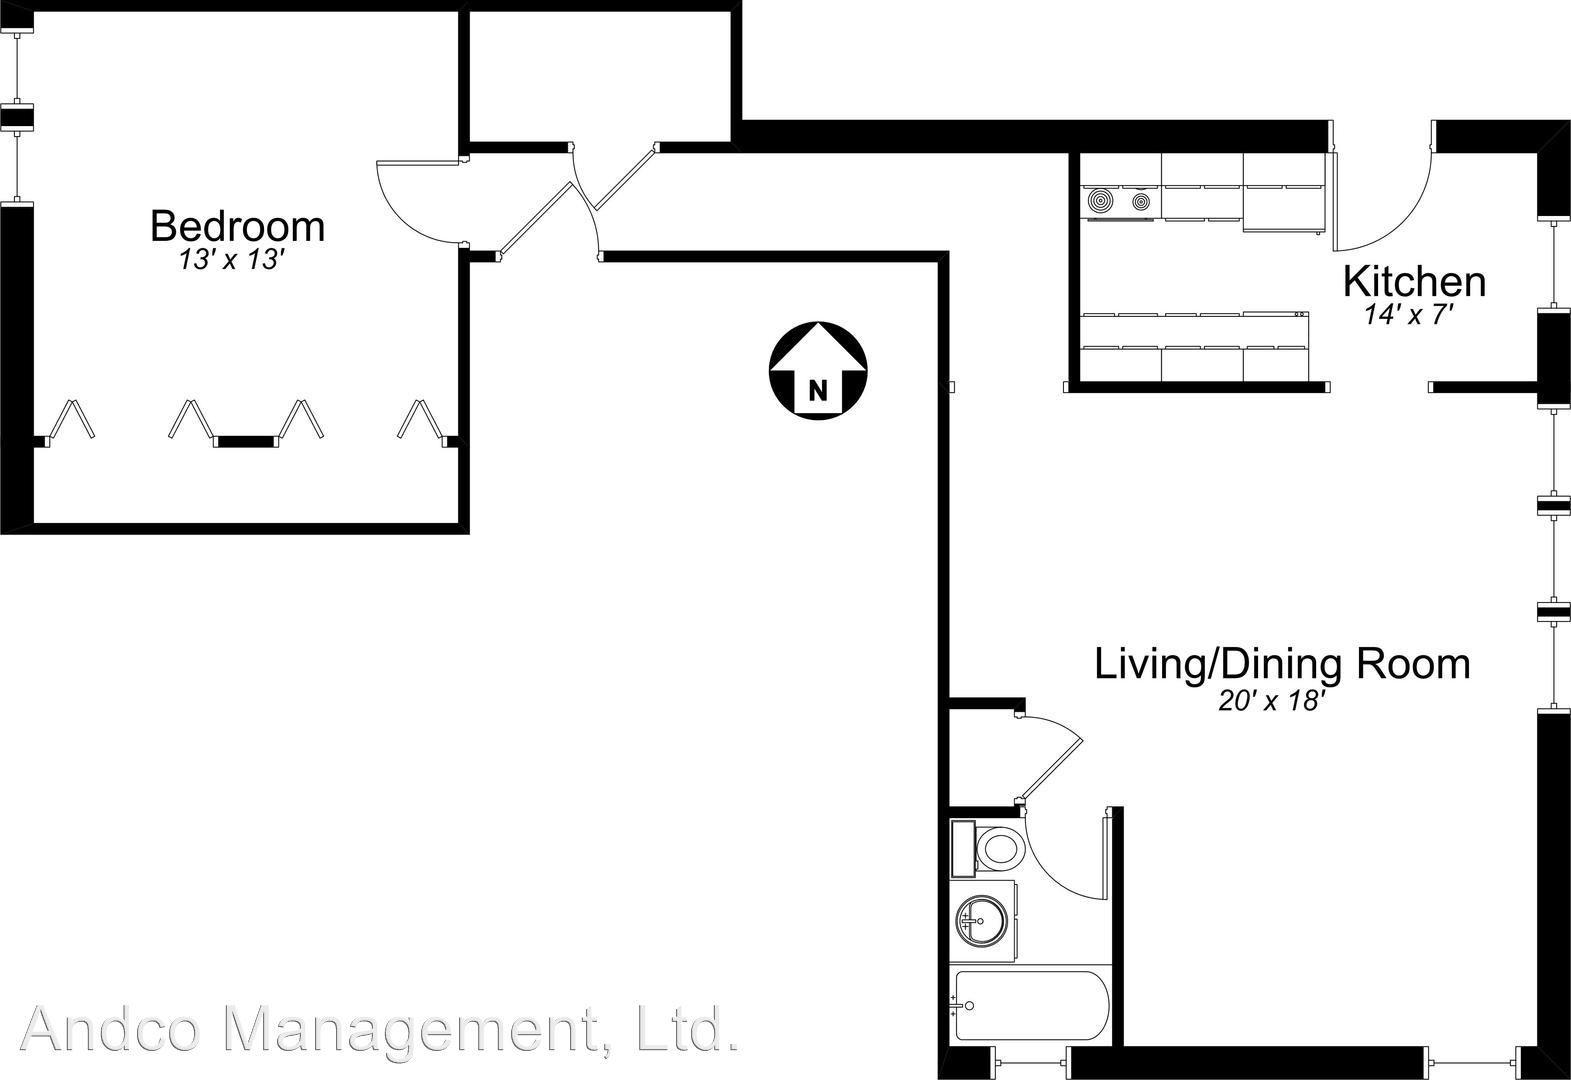 1311 W Addison St #1A For Rent - Chicago, IL | Trulia